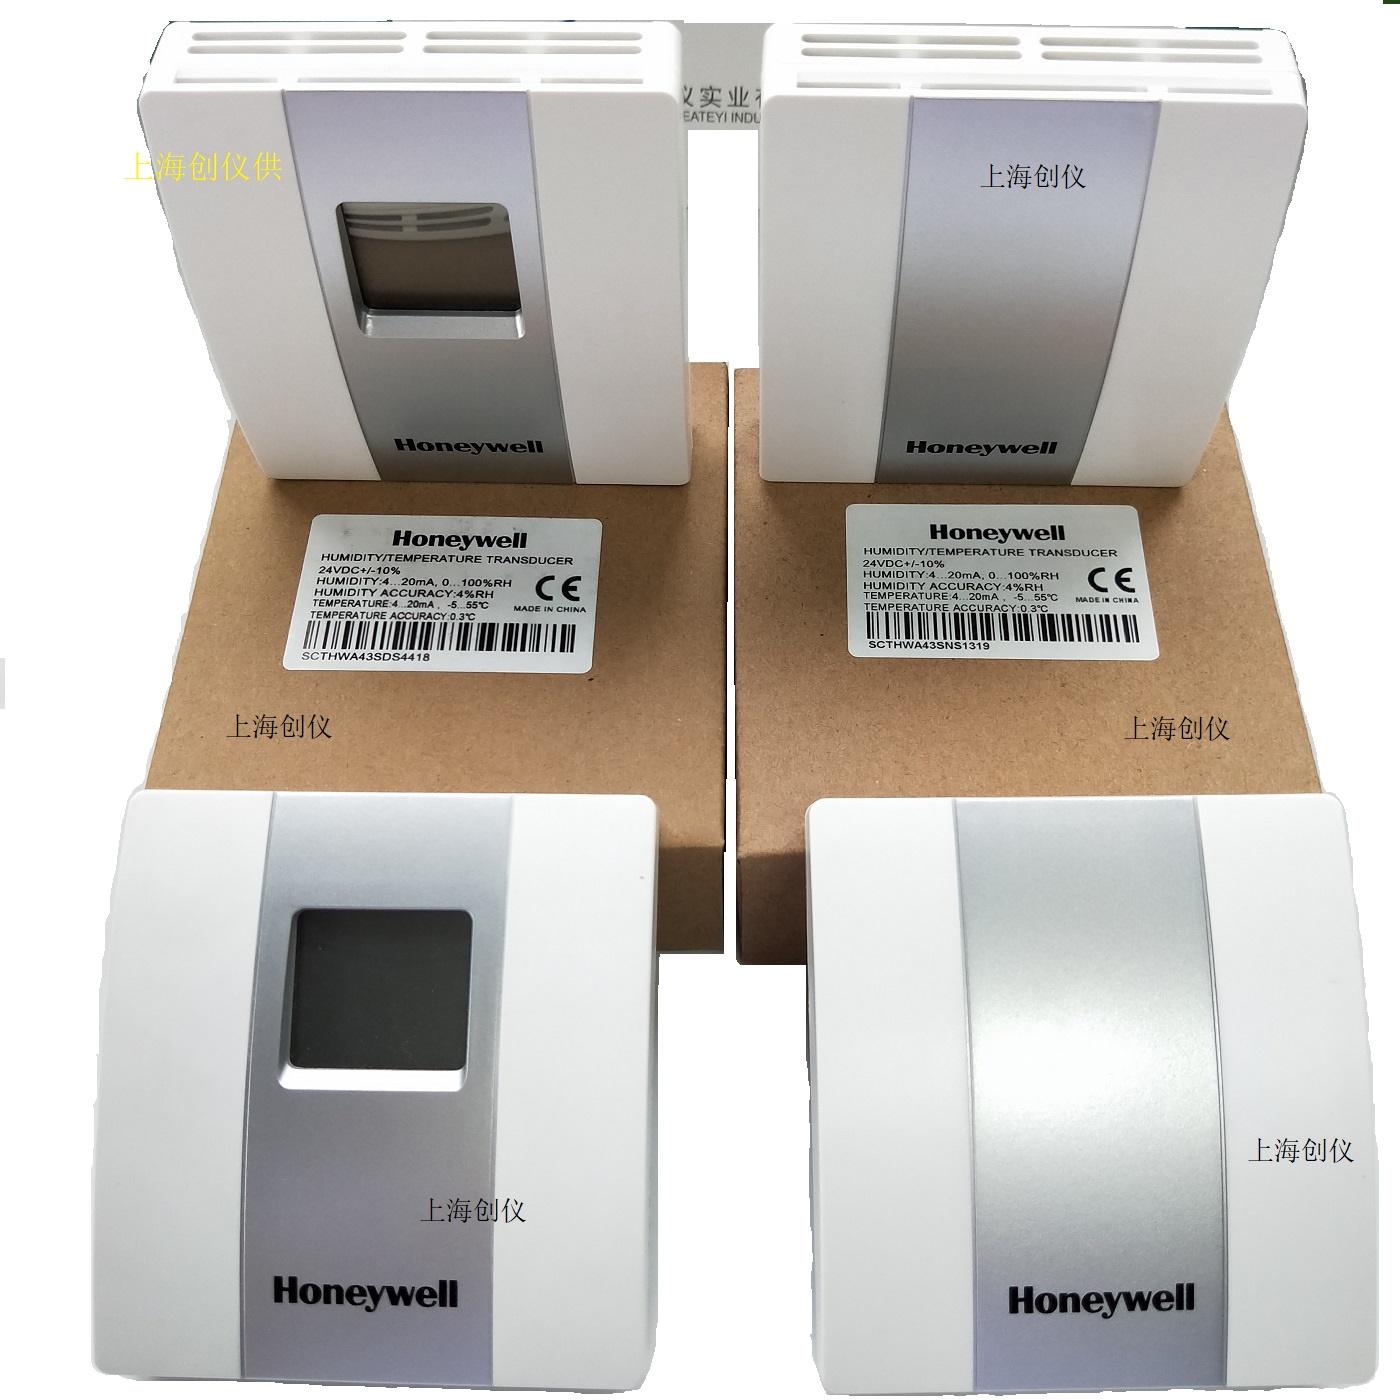 室内型温湿度传感器SCTHWA43SNS与SCTHWA43SDS